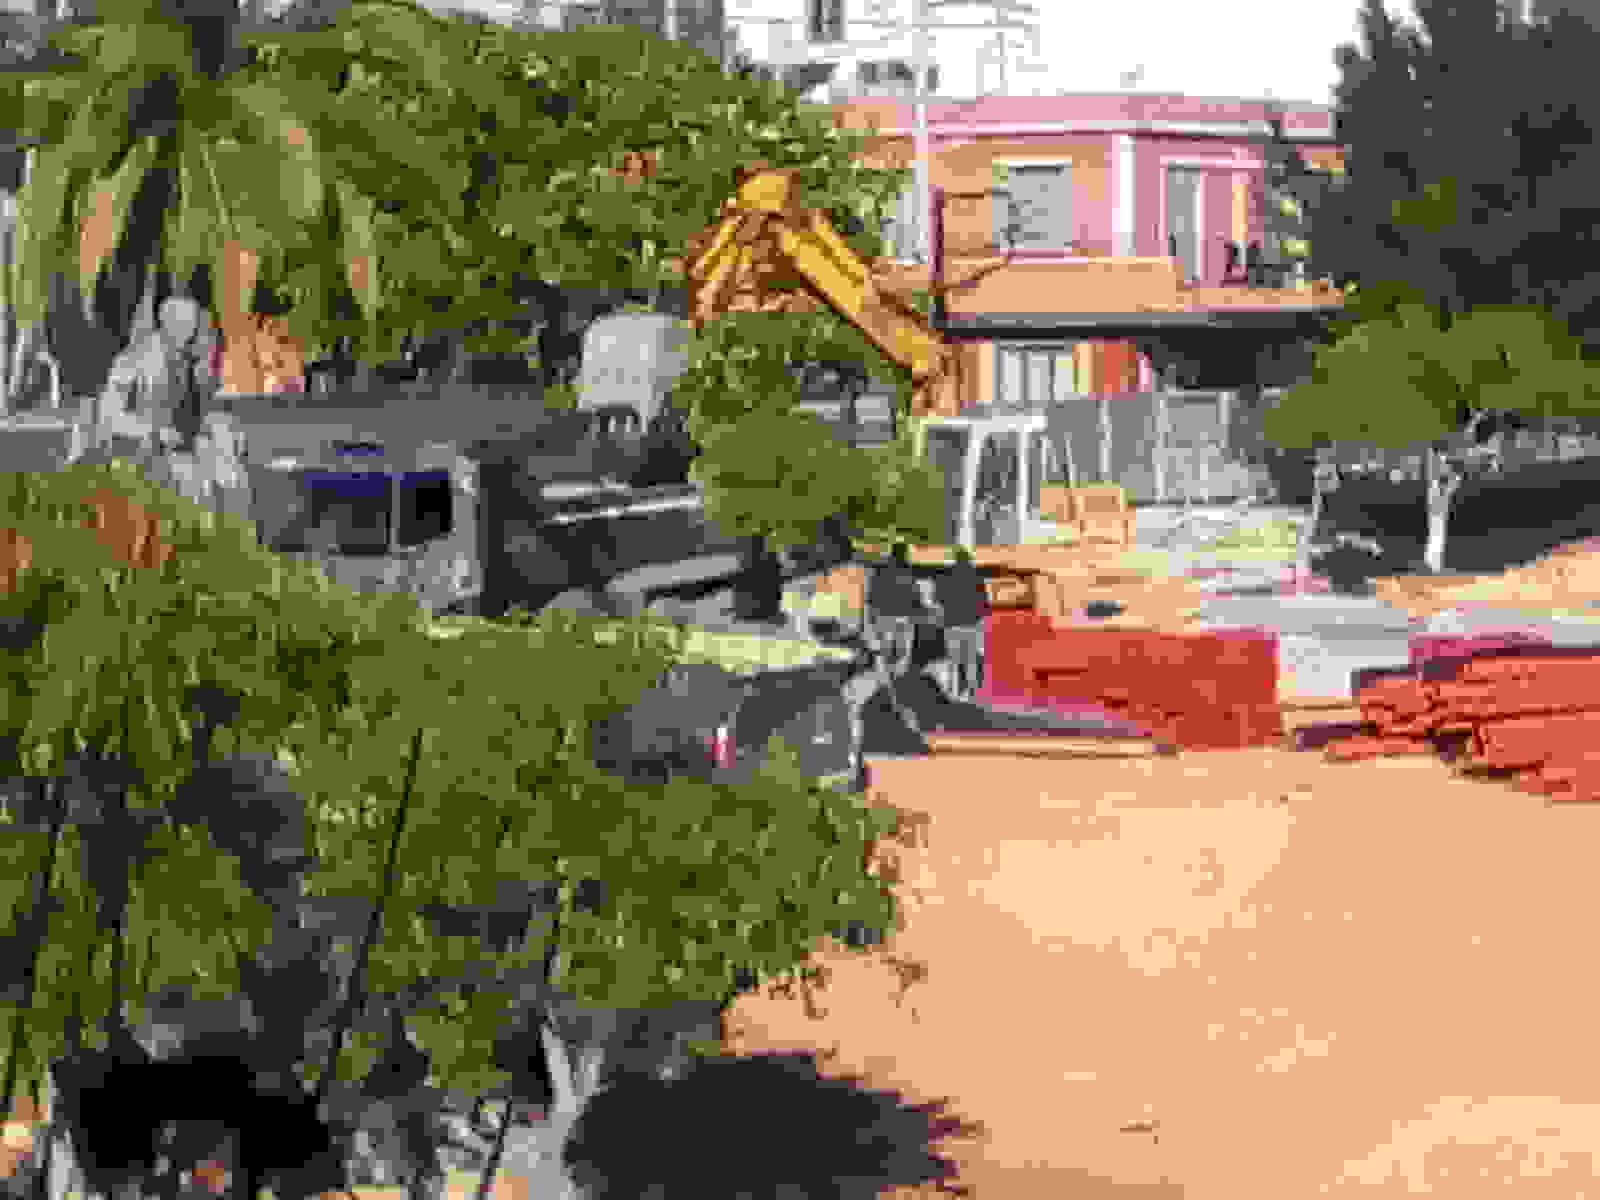 ΤΑ ΕΡΓΑ ΣΤΟ ΙΣΤΟΡΙΚΟ ΚΕΝΤΡΟ ΑΡΓΟΣΤΟΛΙΟΥ ΣΥΝΕΧΙΖΟΝΤΑΙ ΑΠΡΟΣΚΟΠΤΑ (video)